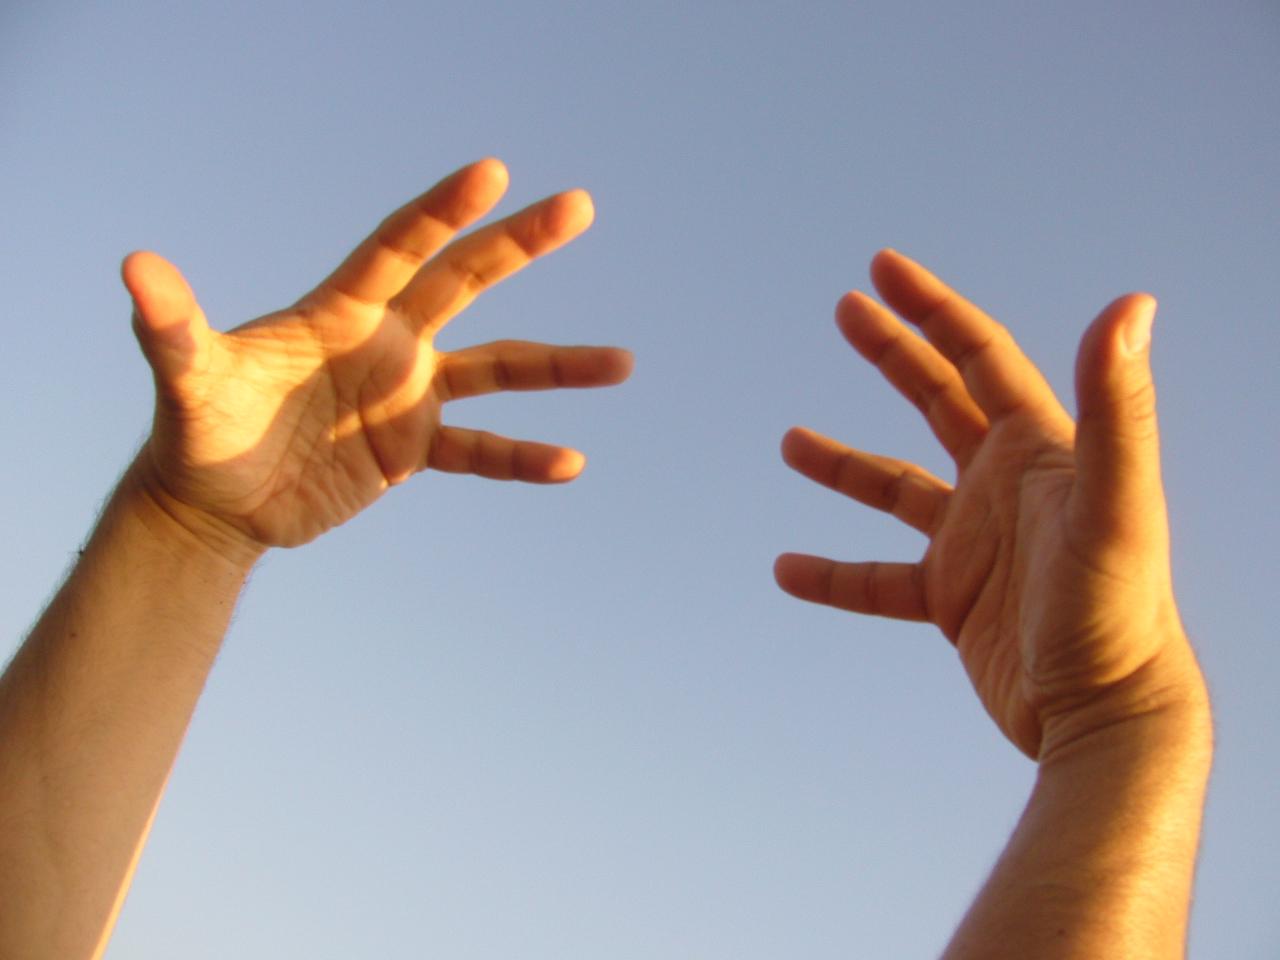 071228_human_hands.JPG